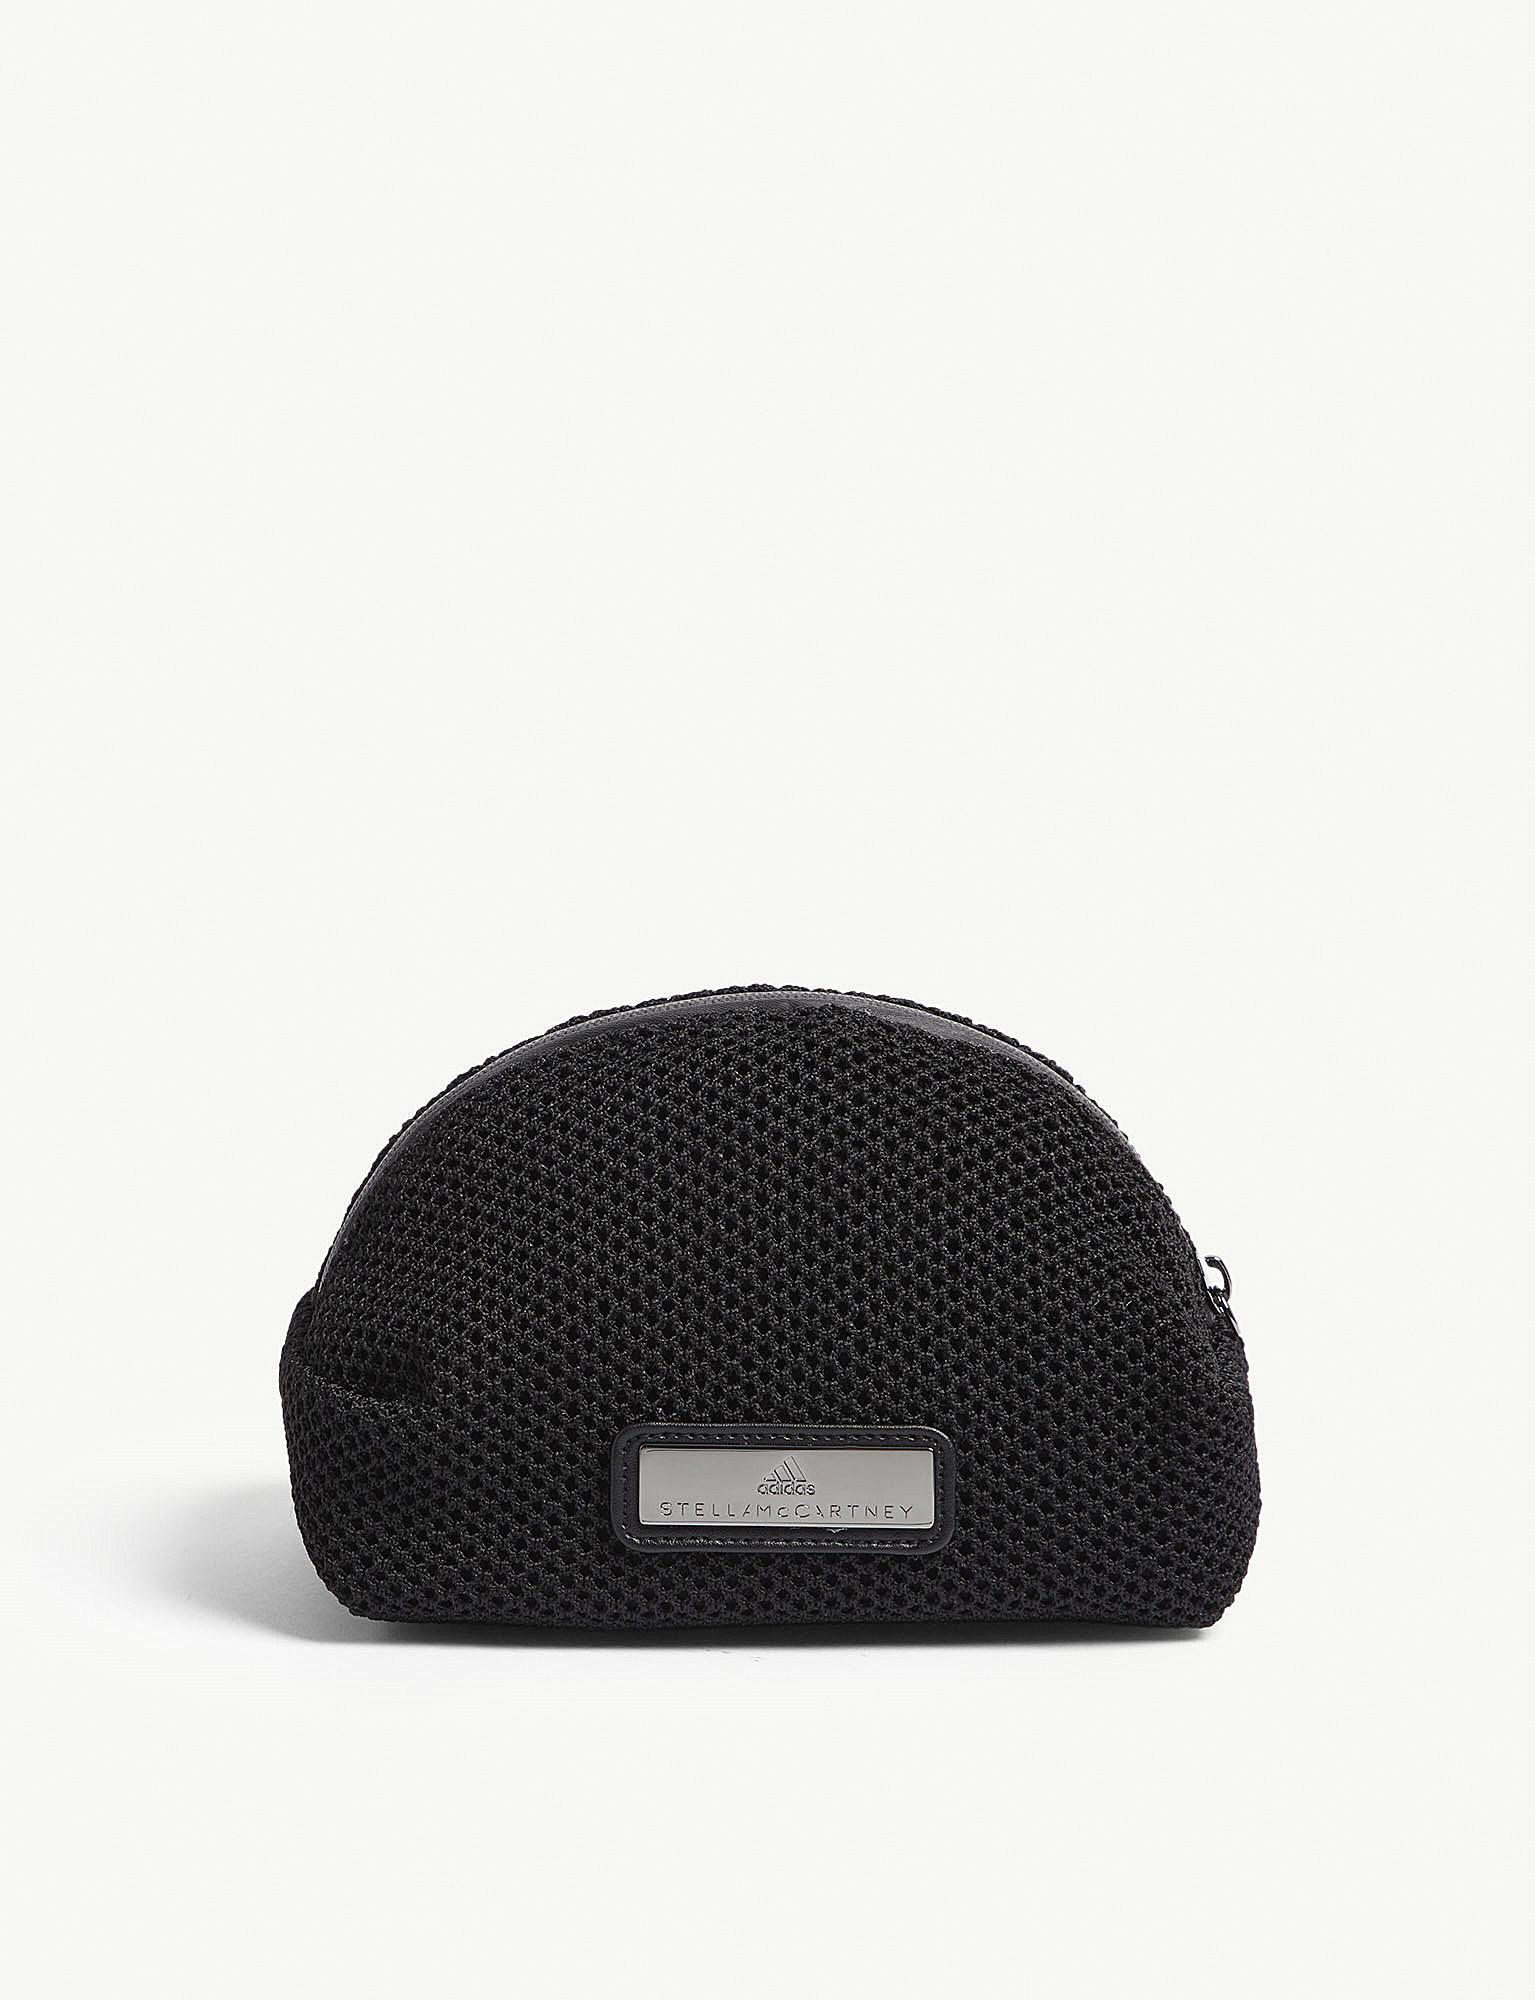 e78758a6b2ed adidas By Stella McCartney Mesh Wash Bag in Black for Men - Lyst